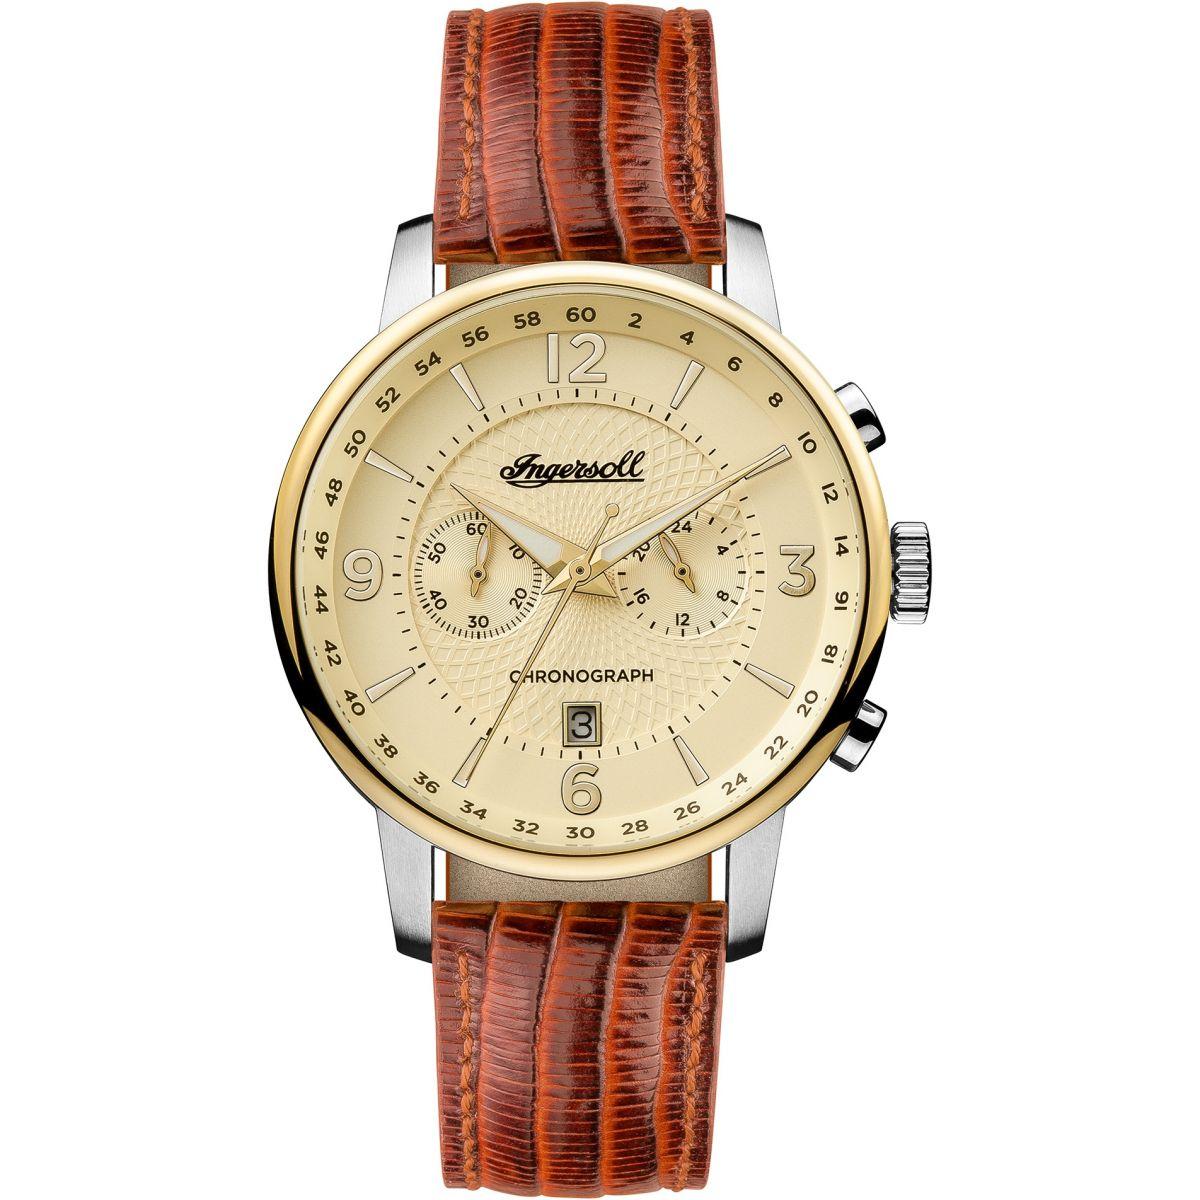 montre-chronographe-homme-ingersoll